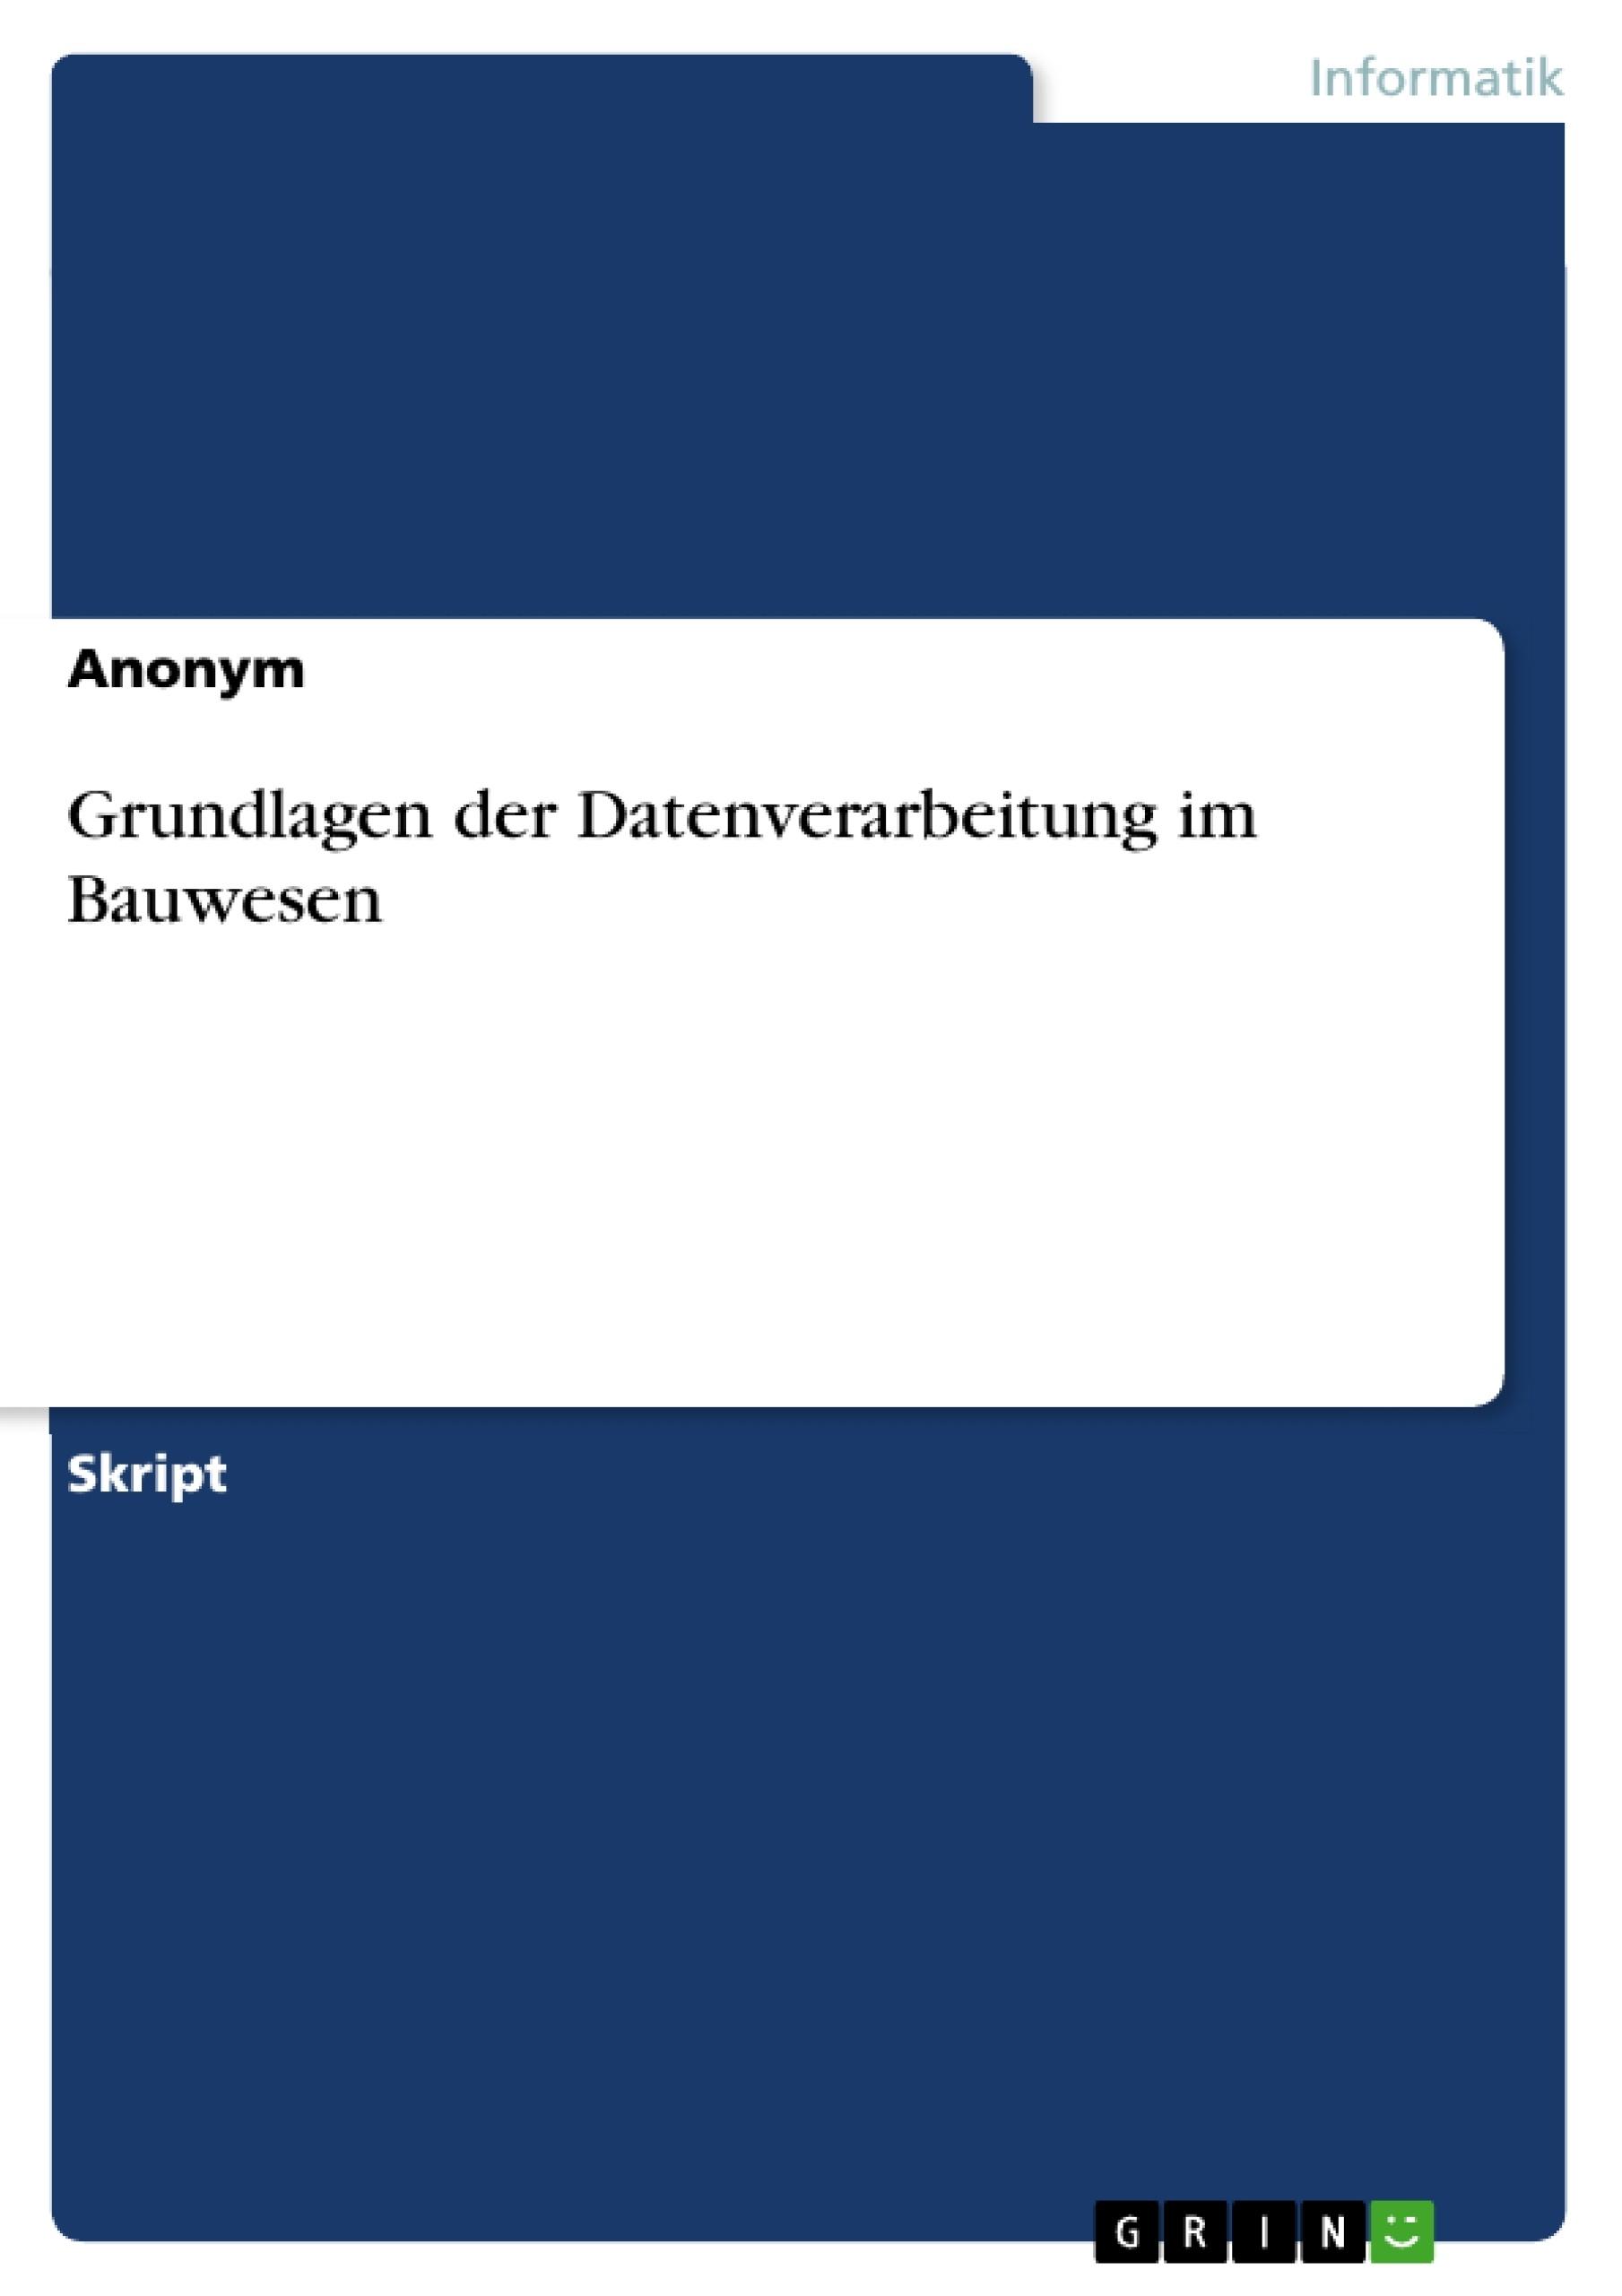 Titel: Grundlagen der Datenverarbeitung im Bauwesen